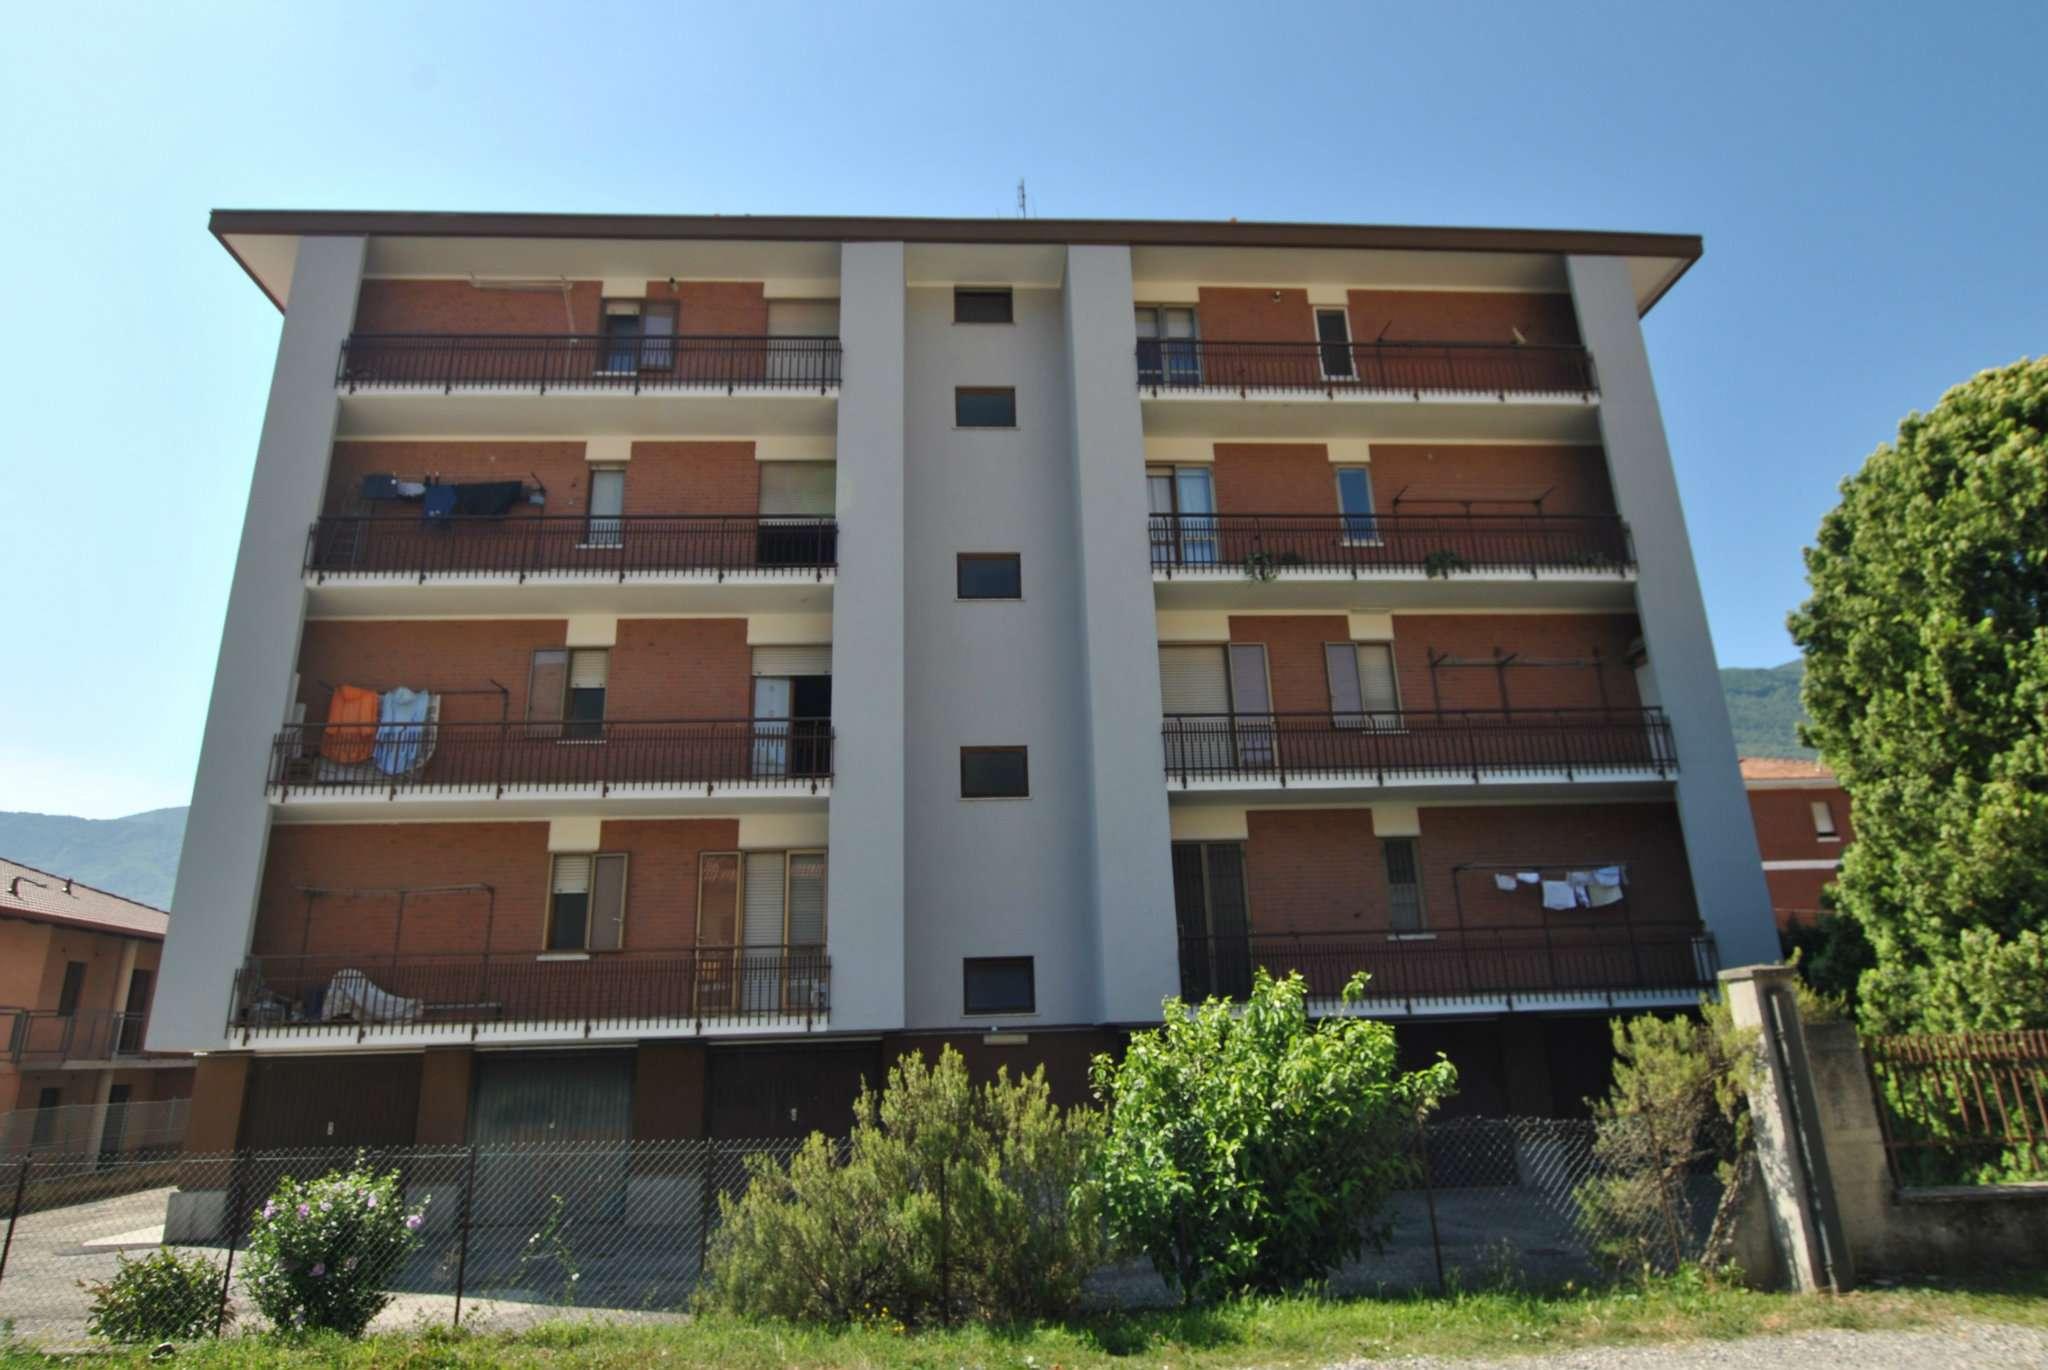 Appartamento in vendita a Condove, 4 locali, prezzo € 159.000 | PortaleAgenzieImmobiliari.it